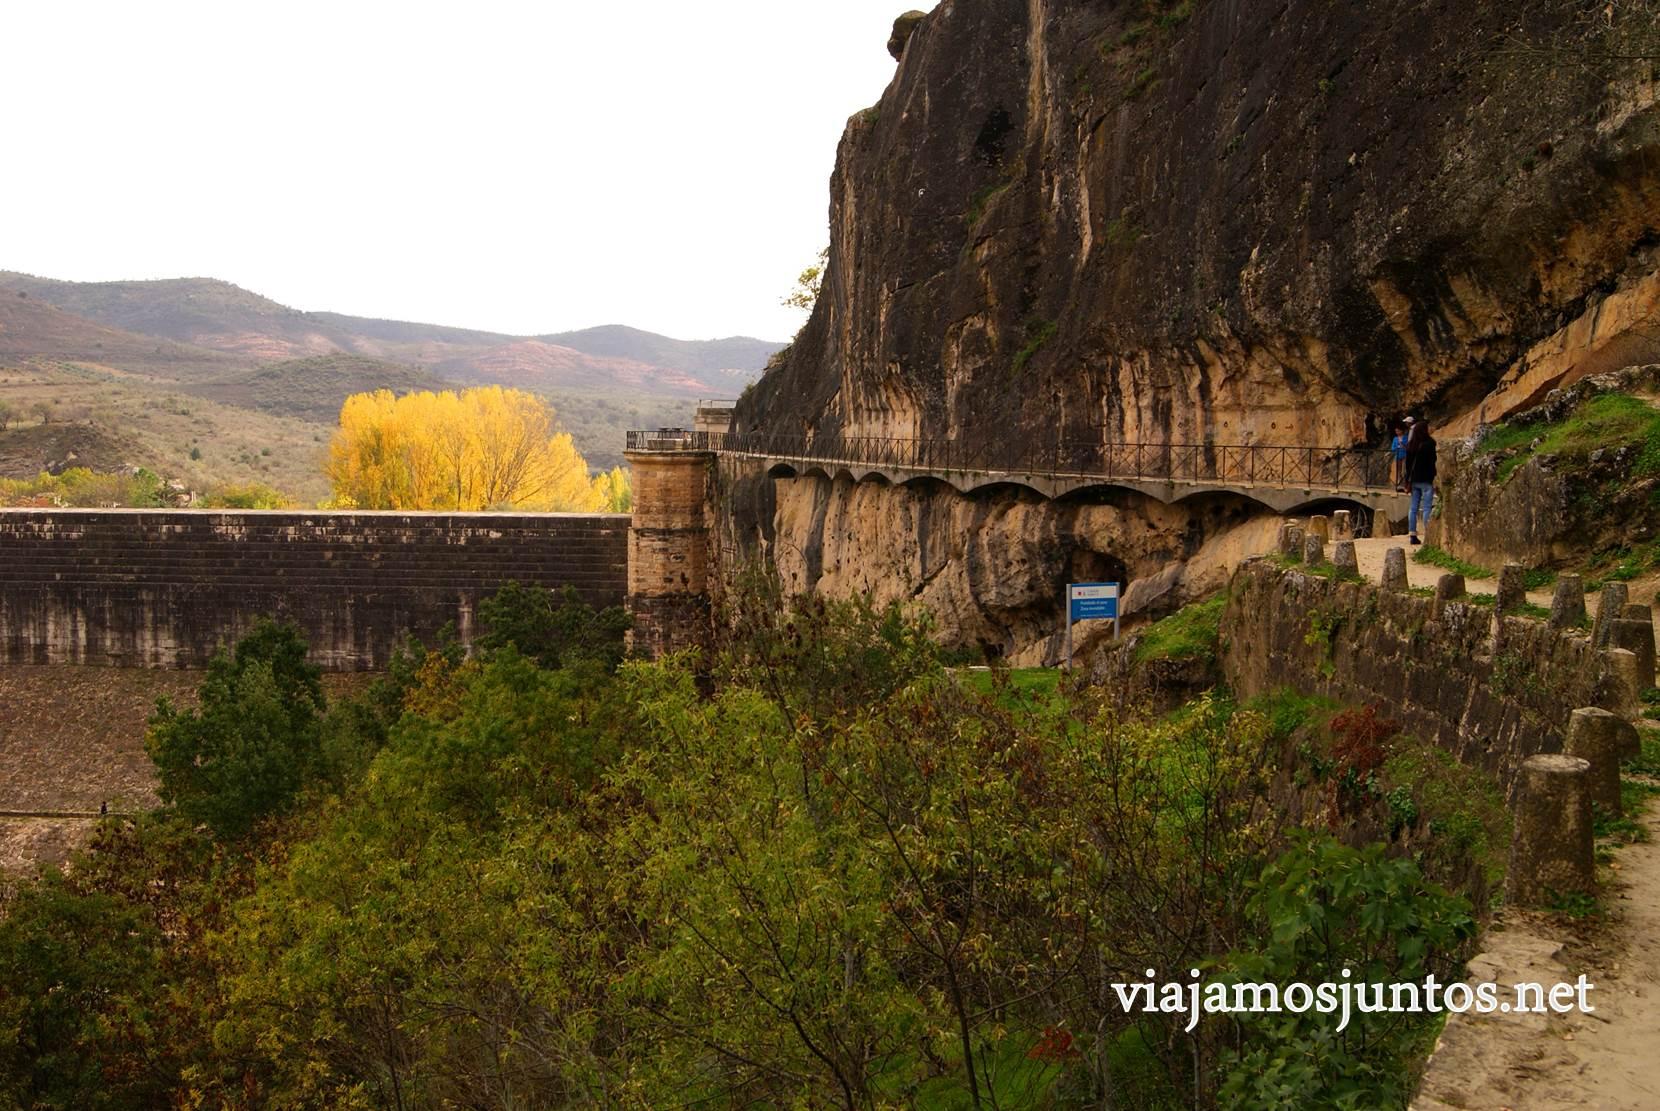 Ruta a las Cárcavas, Patones, Madrid; senderismo por sitios singulares de la Comunidad de Madrid; la pasarela de la presa